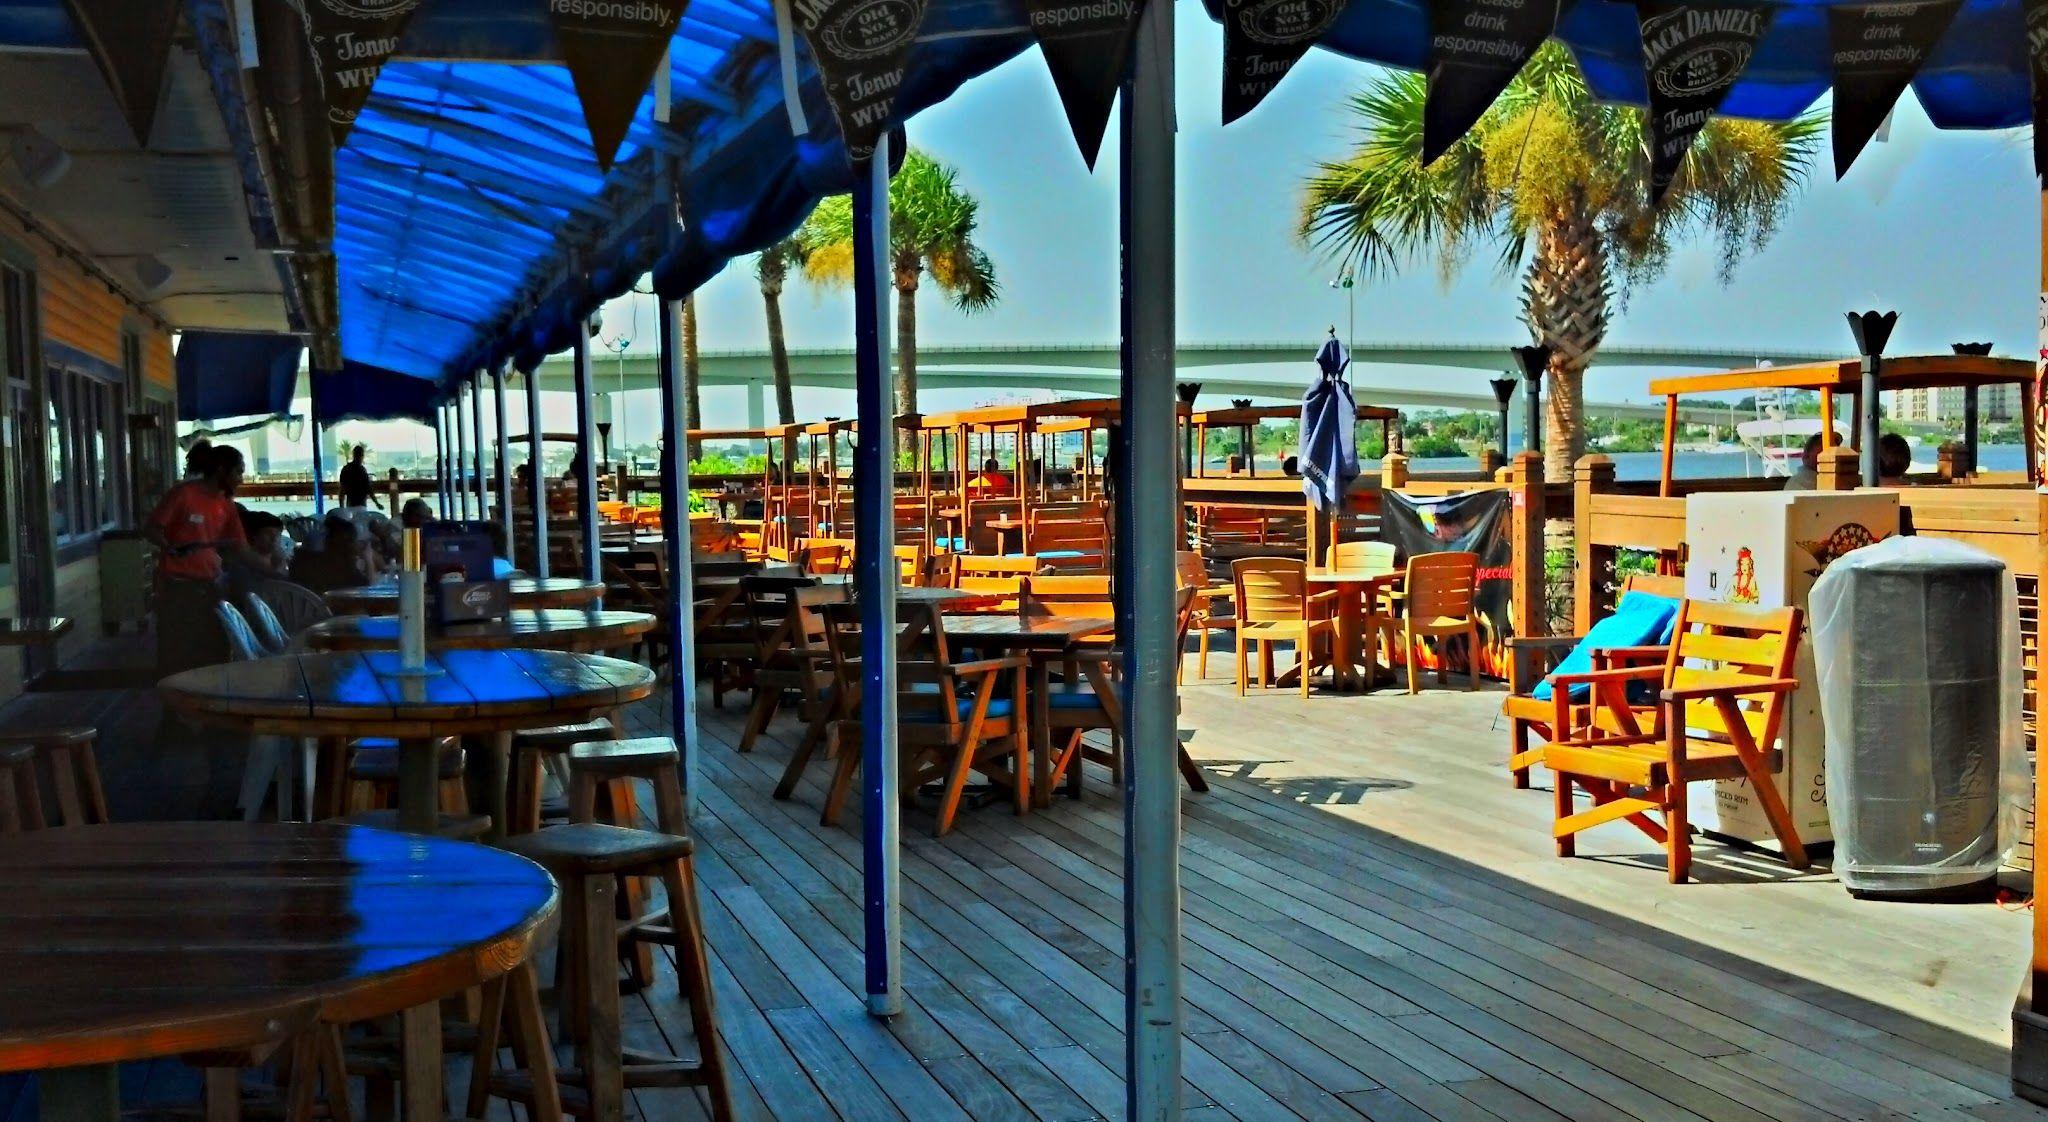 Caribbean Jacks Restaurant And Bar Dodaytona Waterfront Dining Waterfront Dining Jacks Restaurant Caribbean